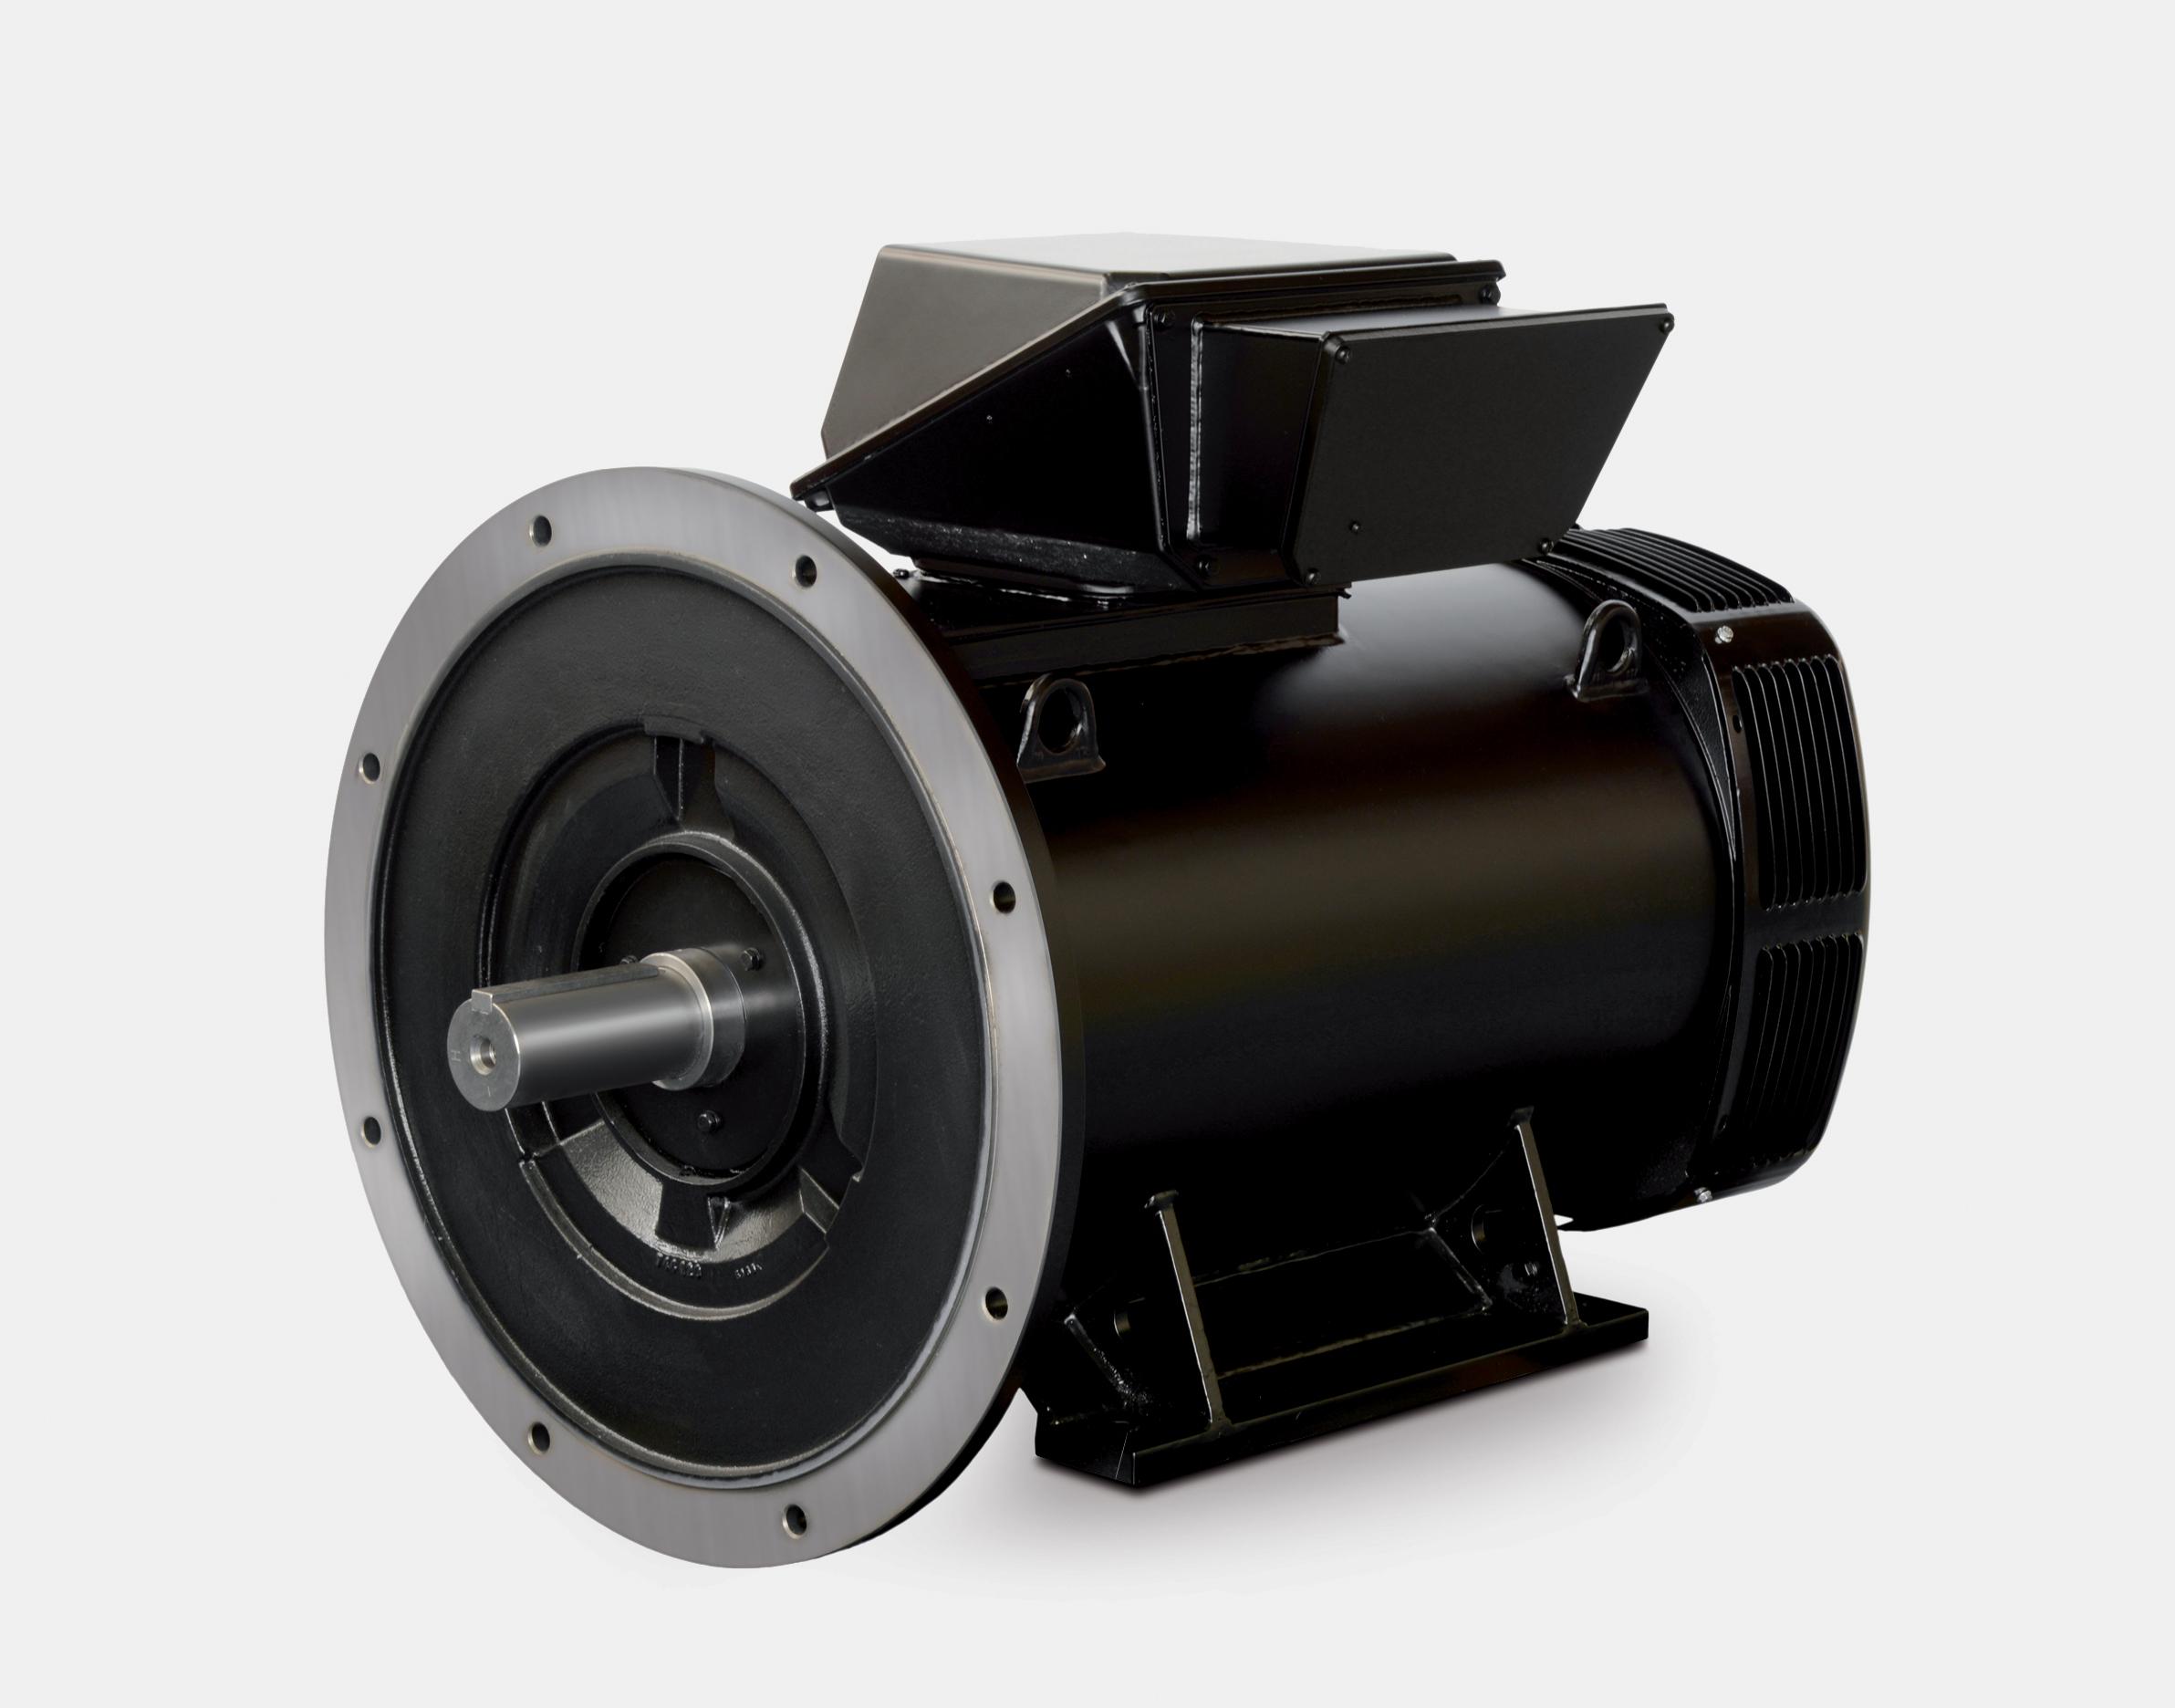 Leroy-Somer presenta il nuovo motore asincrono PLSES 4500 di referigerazione